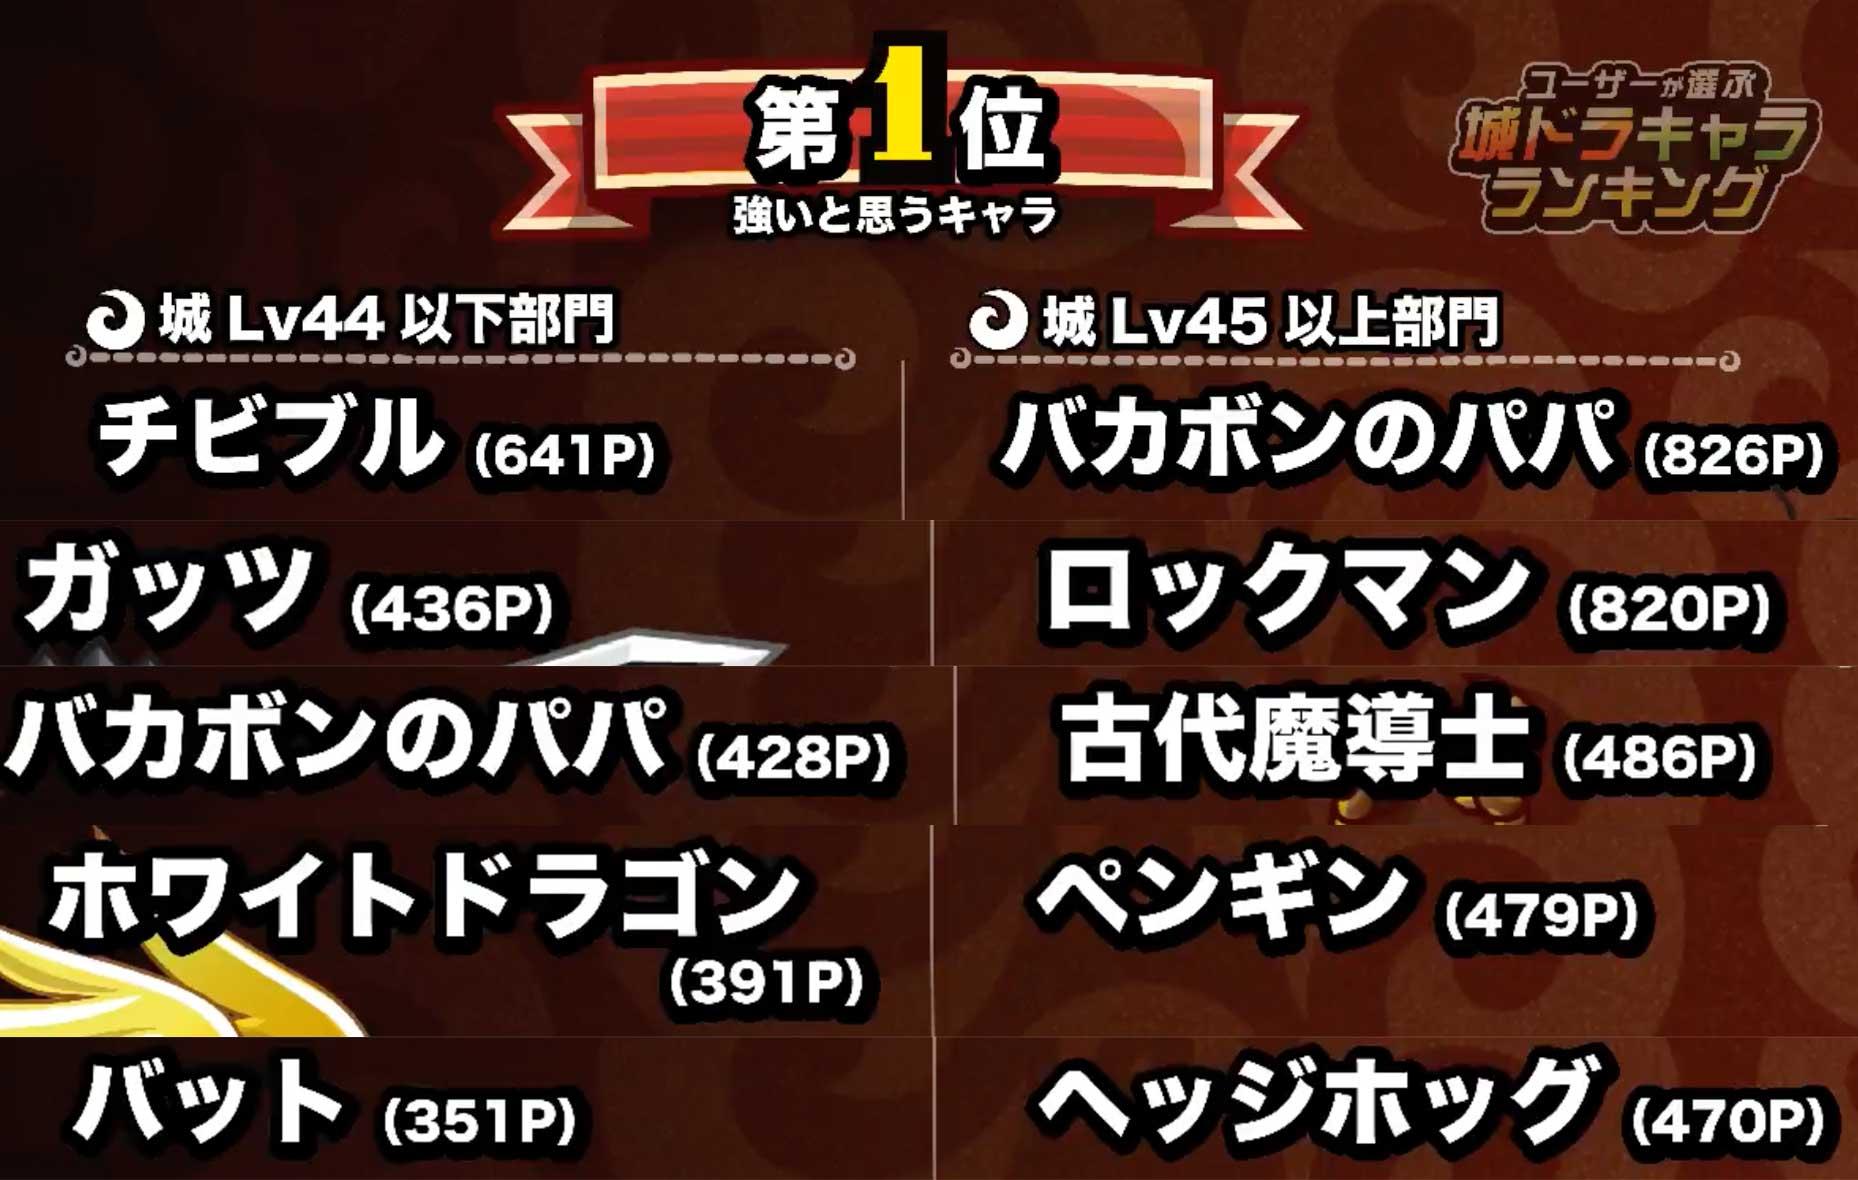 【城ドラ】キャラランキングTOP5に見る強キャラの3つの条件とは?【城とドラゴン】